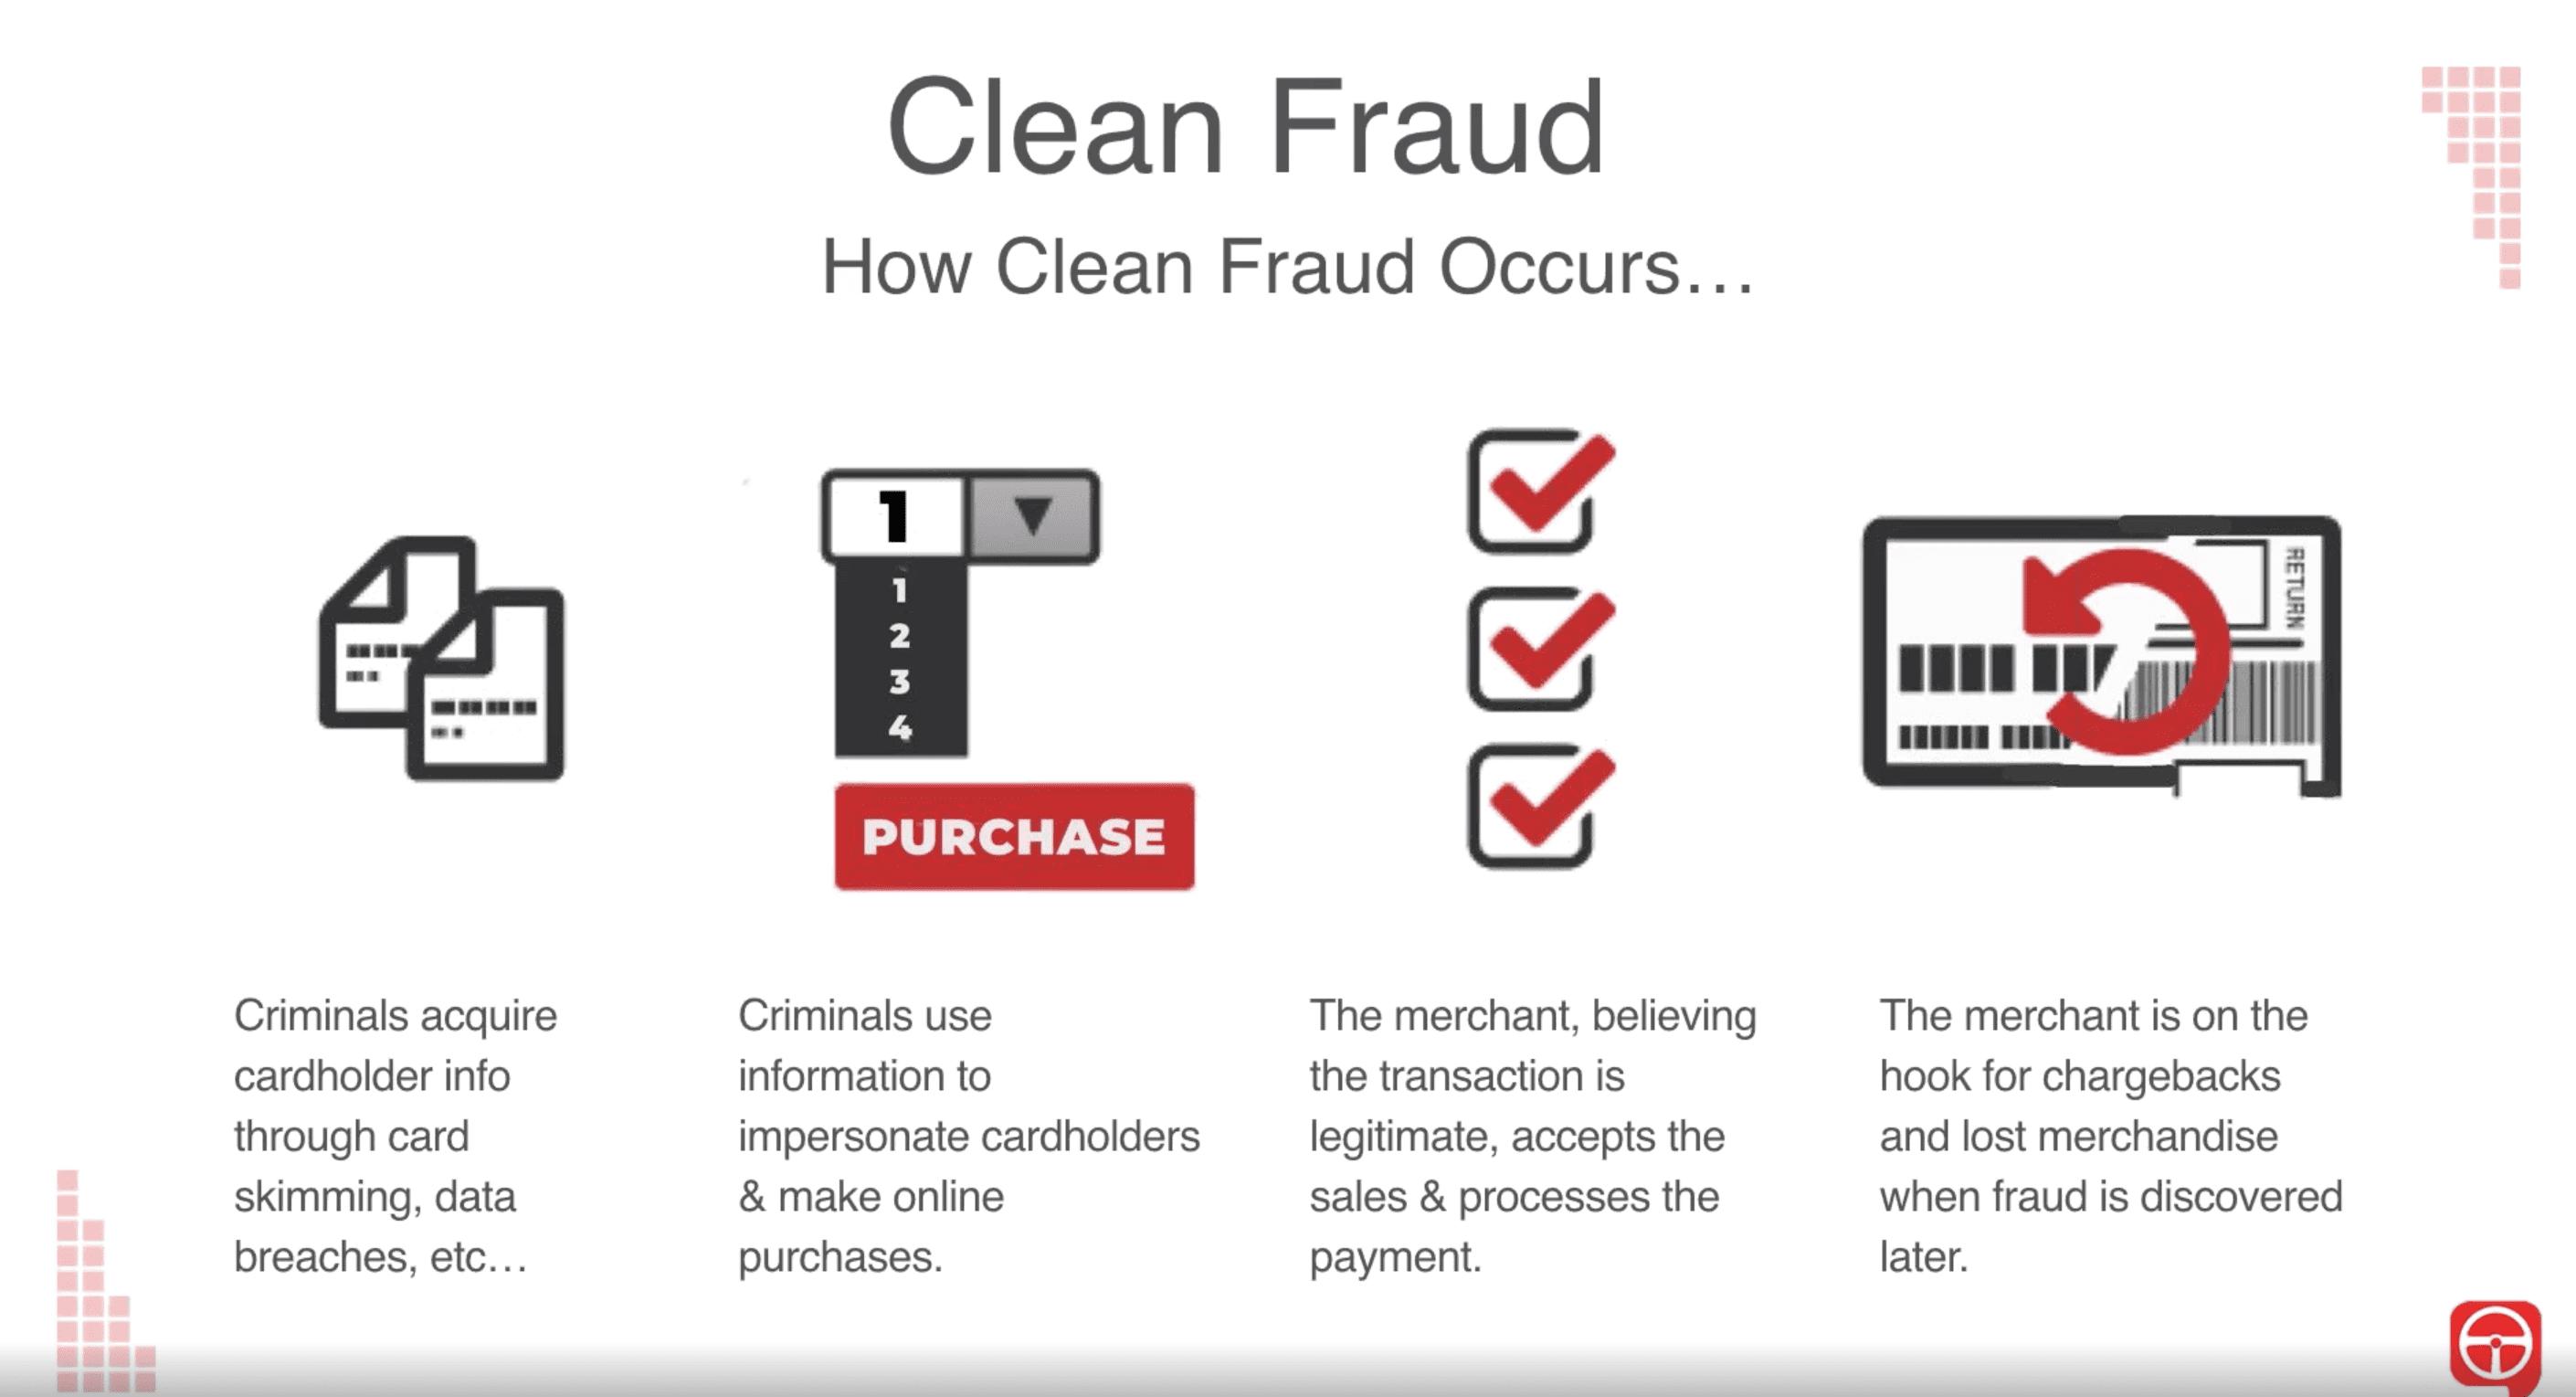 cómo ocurre el fraude limpio en los concesionarios